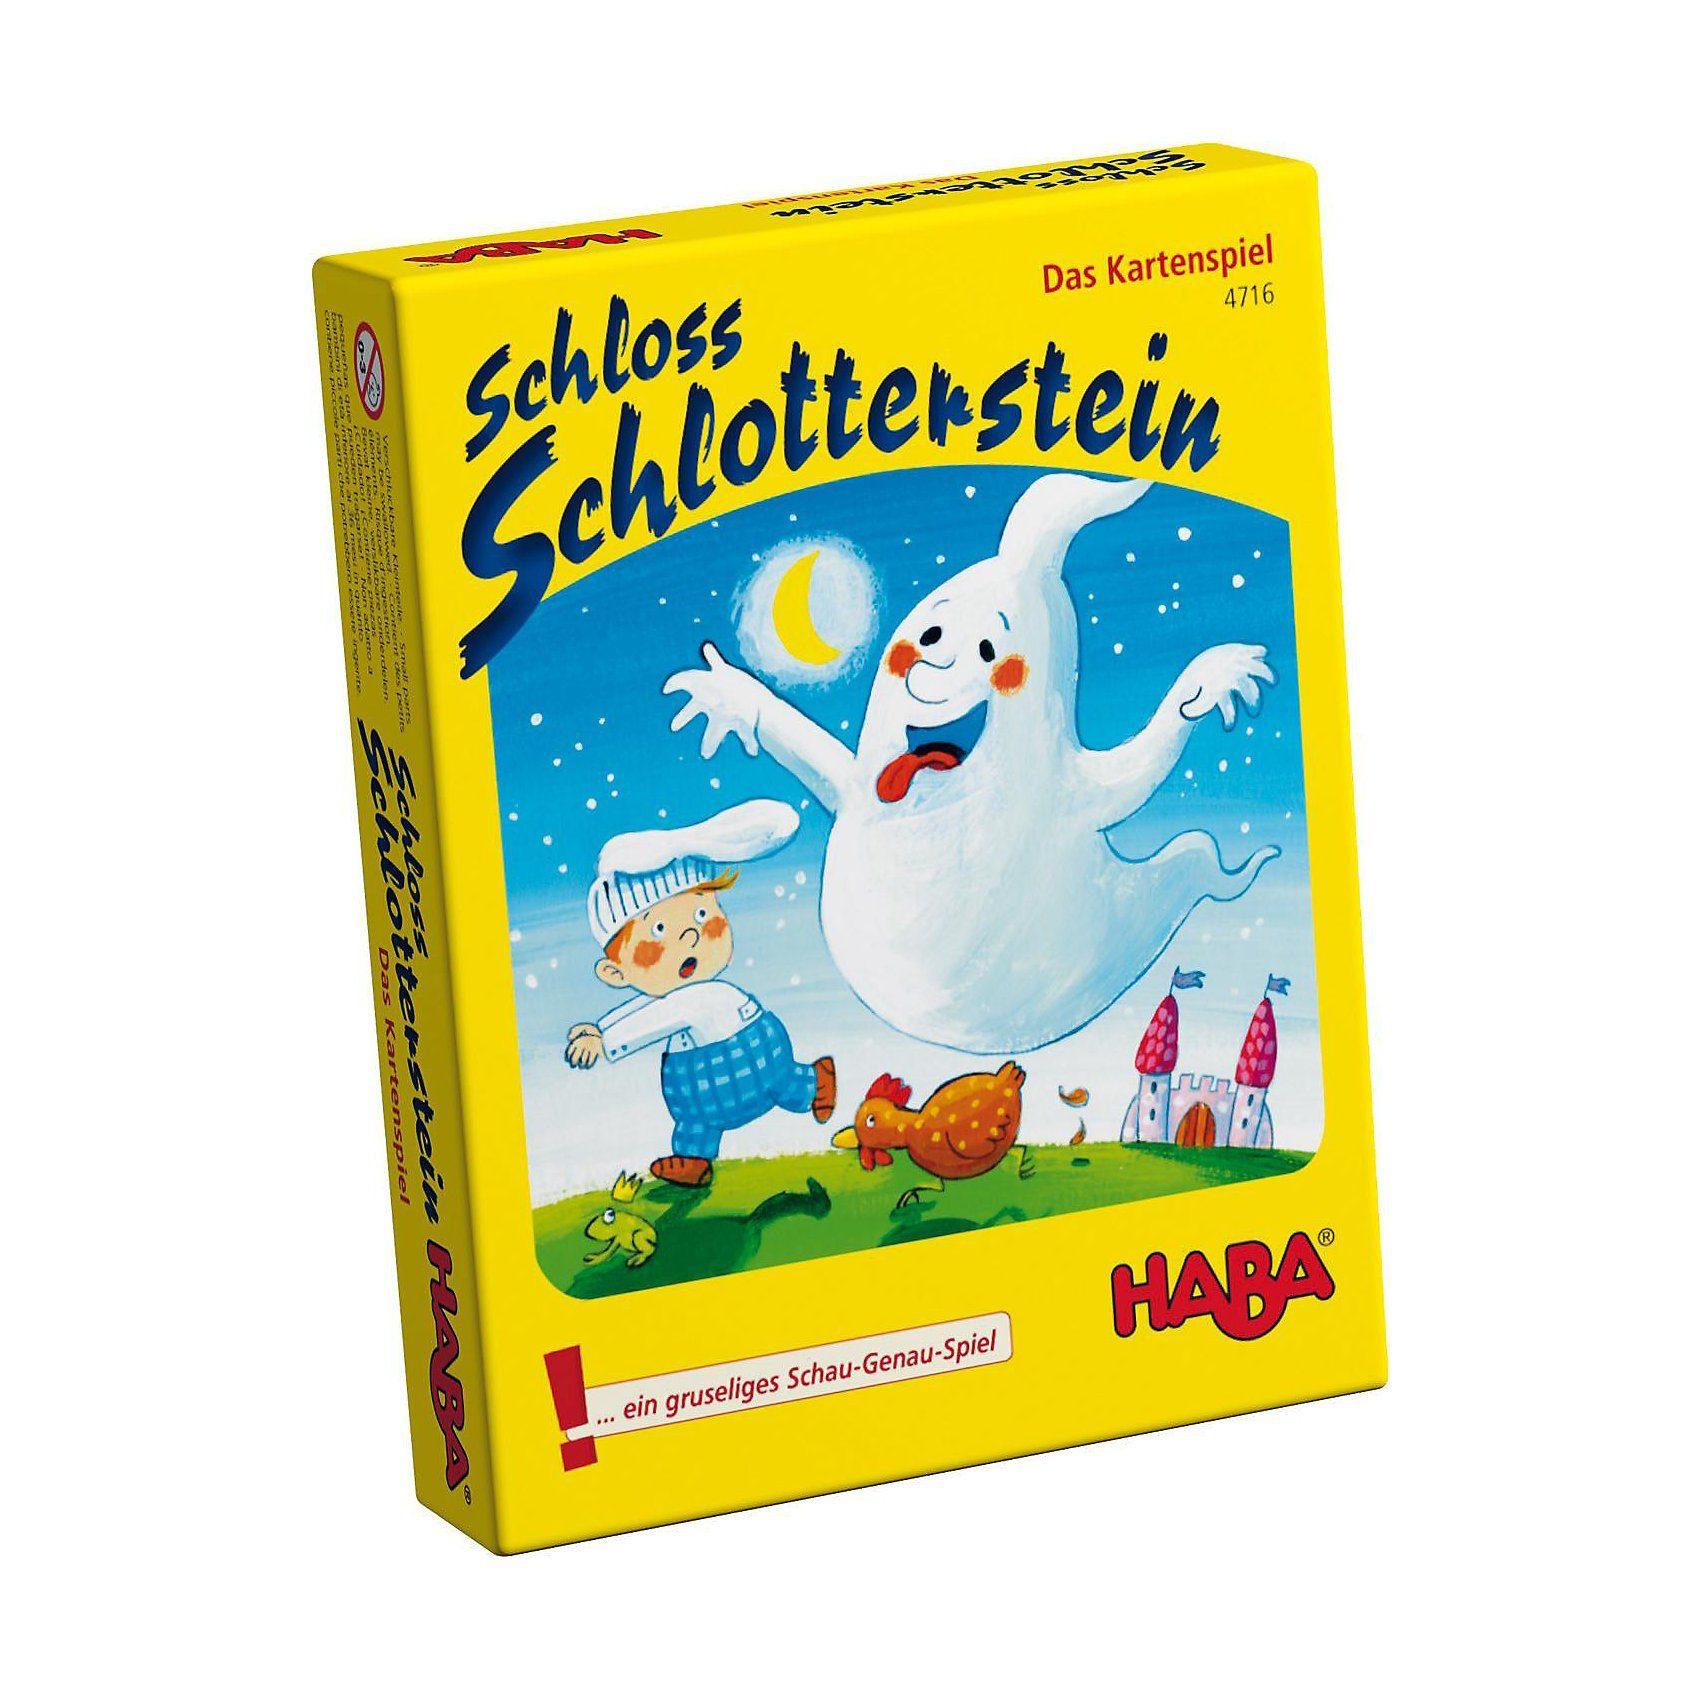 Haba Schloss Schlotterstein